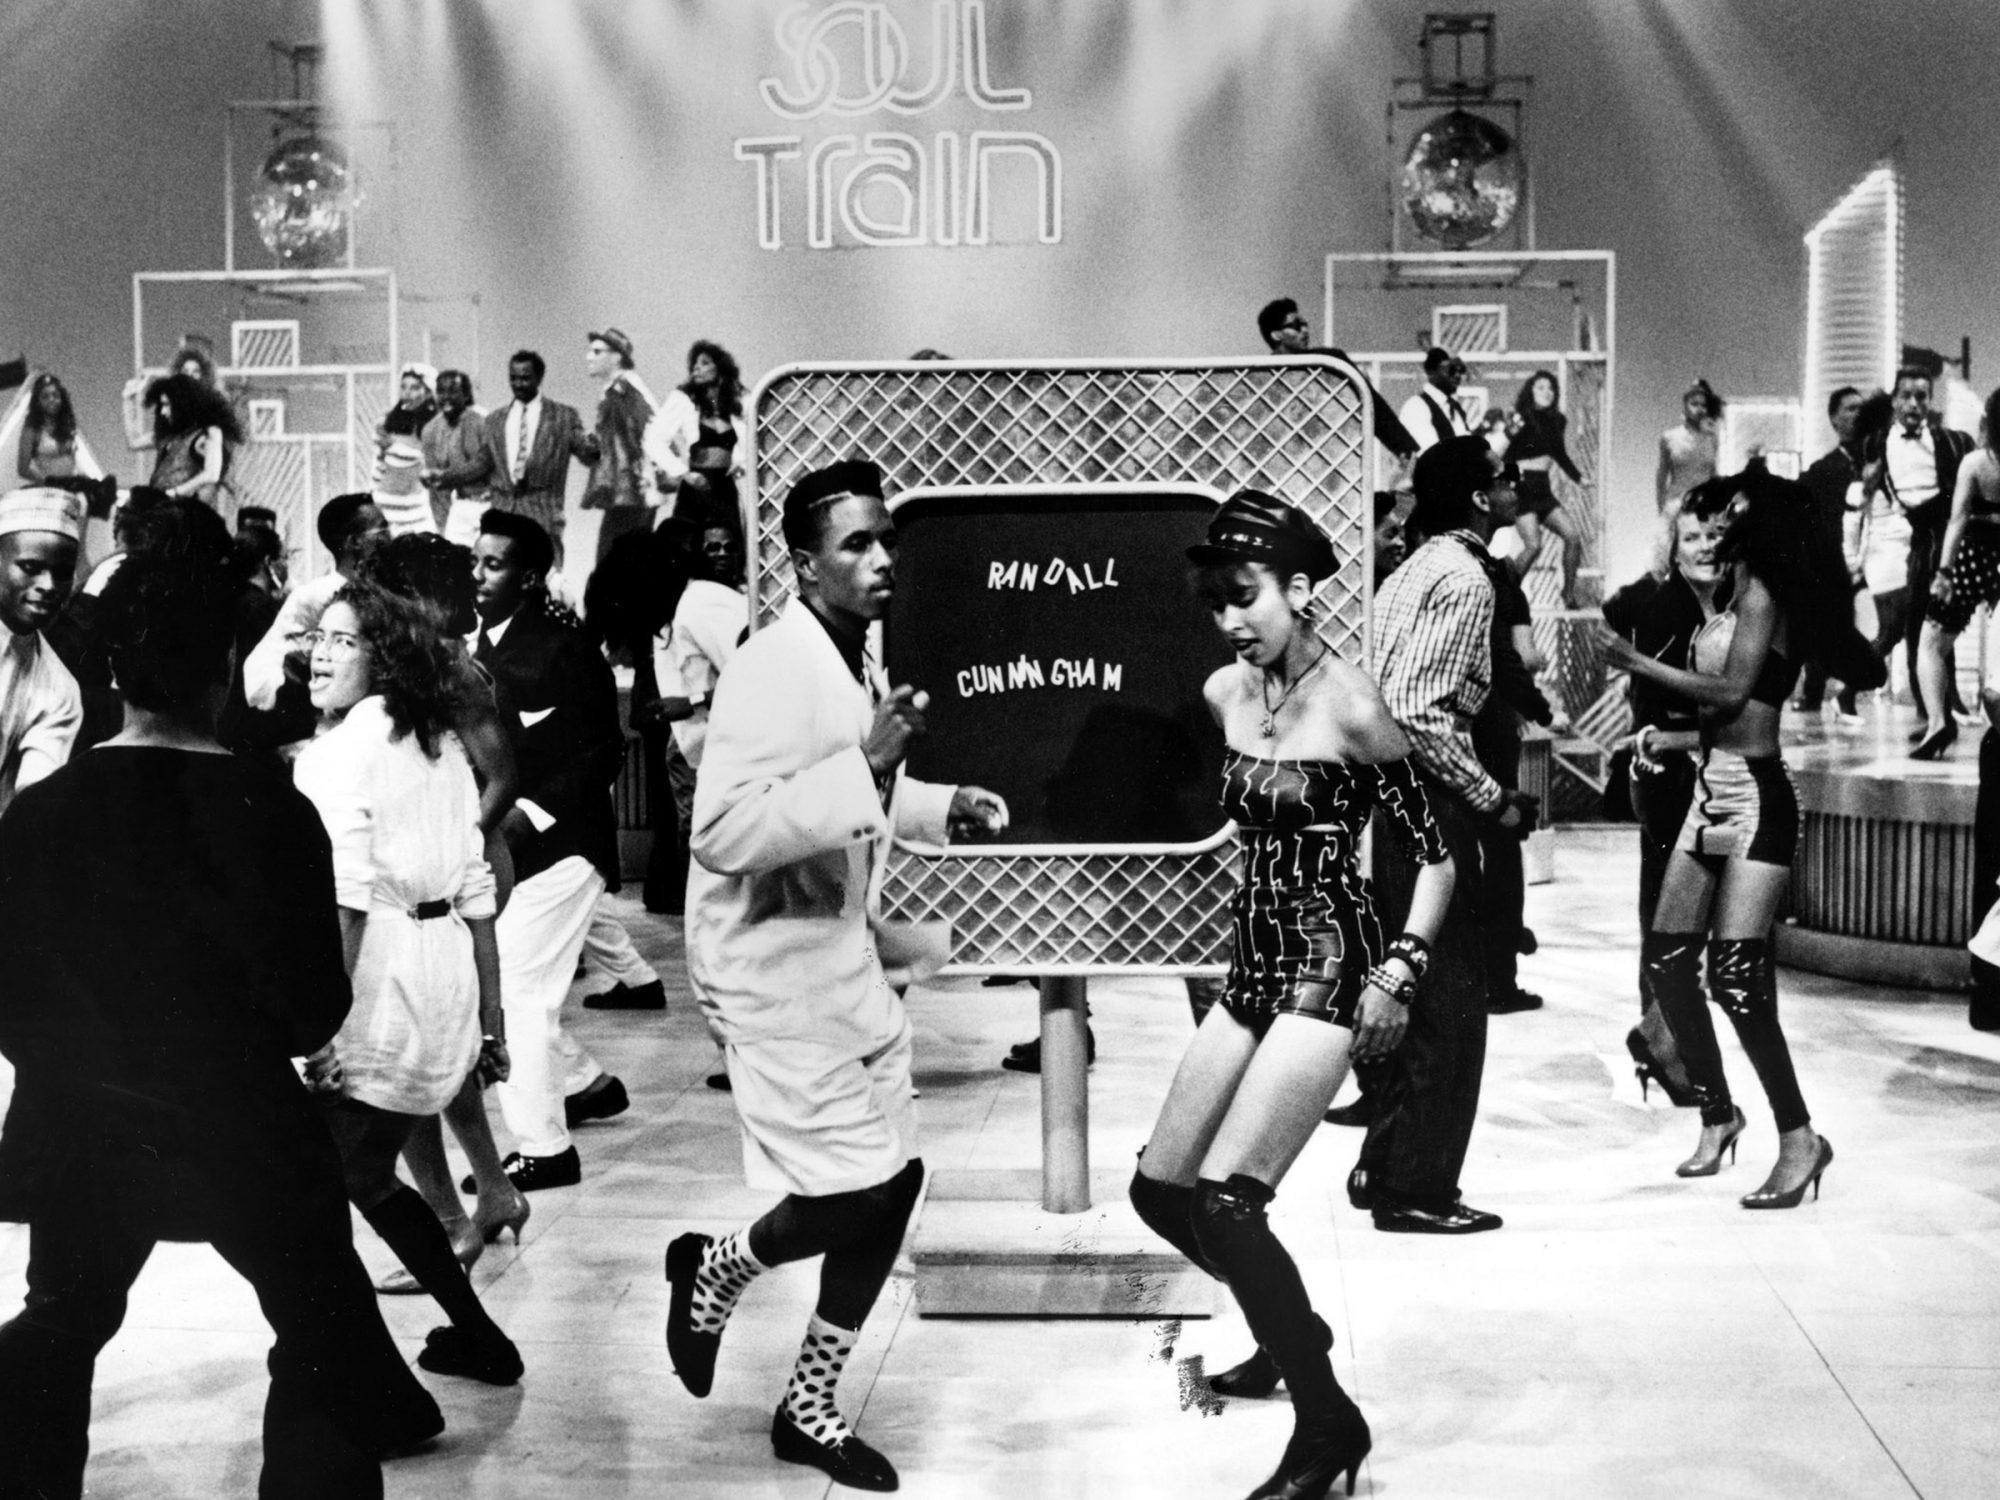 SOUL TRAIN, Soul Train Scramble Board, Soul Train Dancers, early 1980s, 1971-